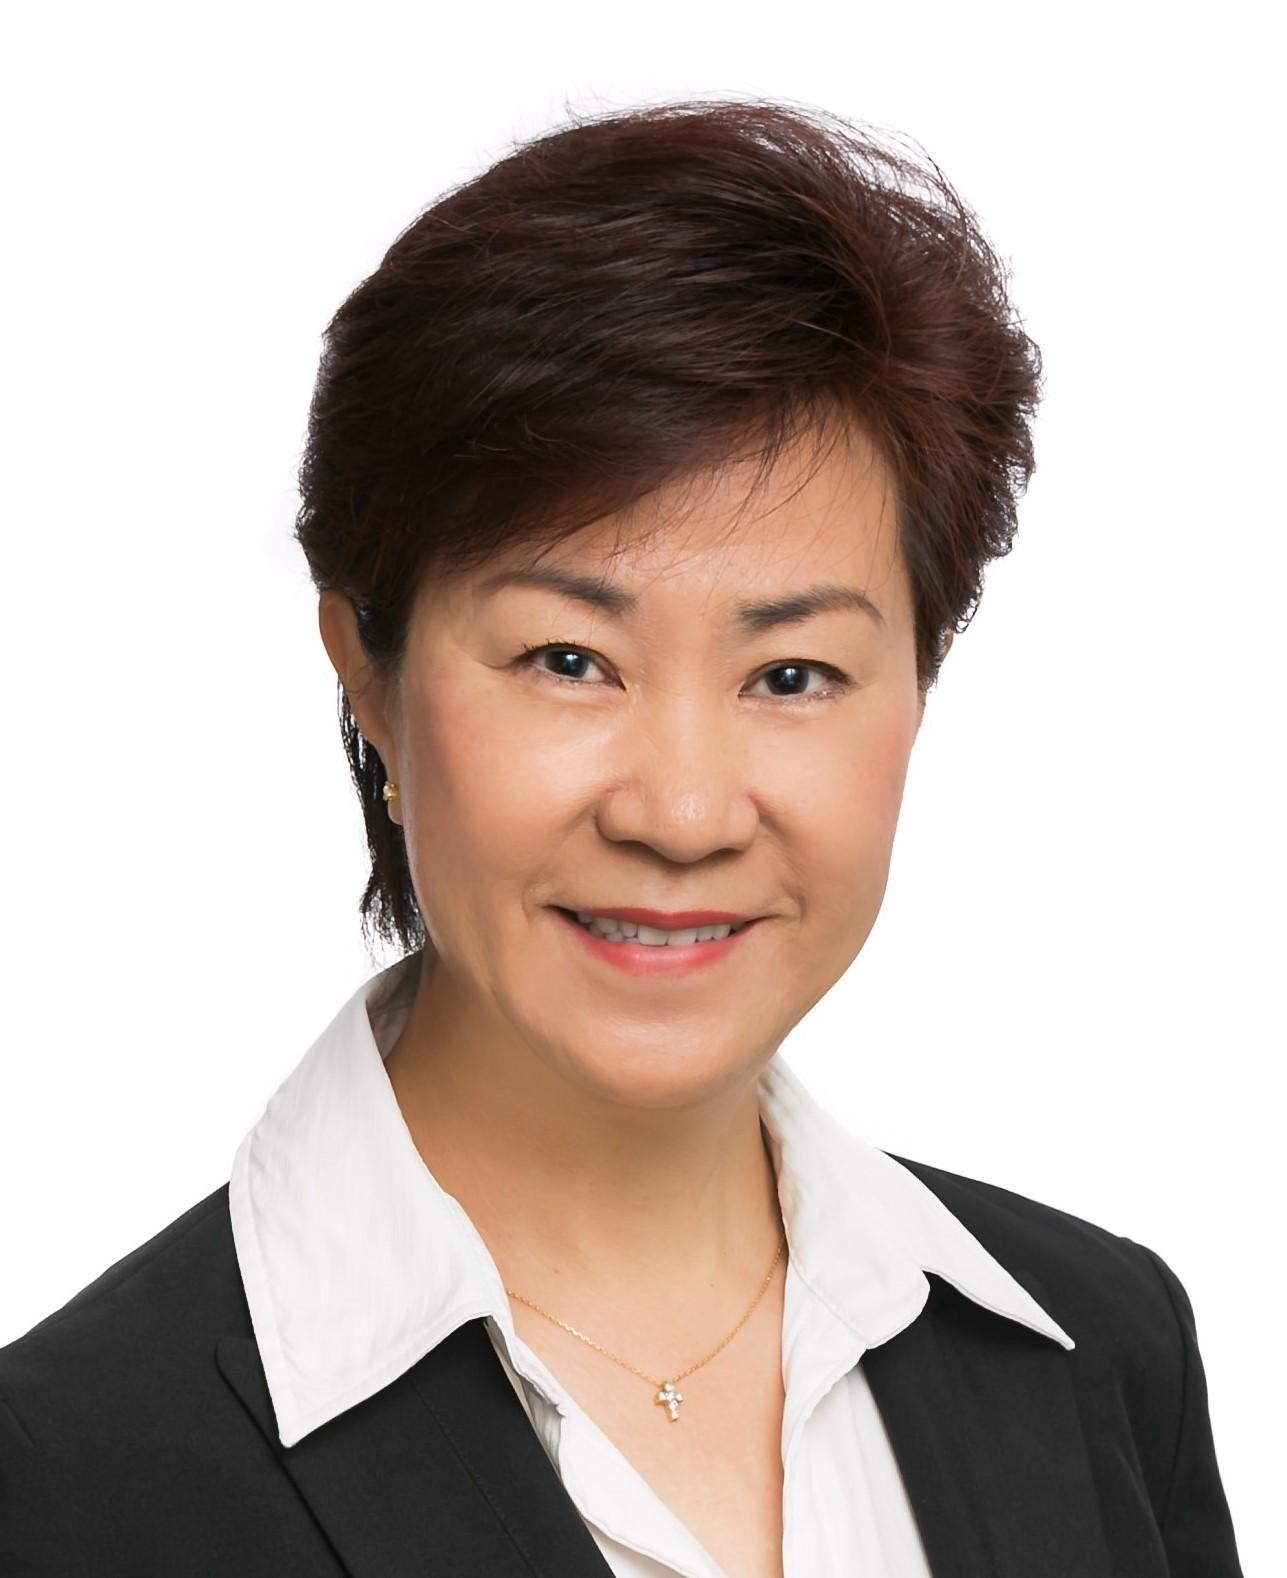 Joyce Kong